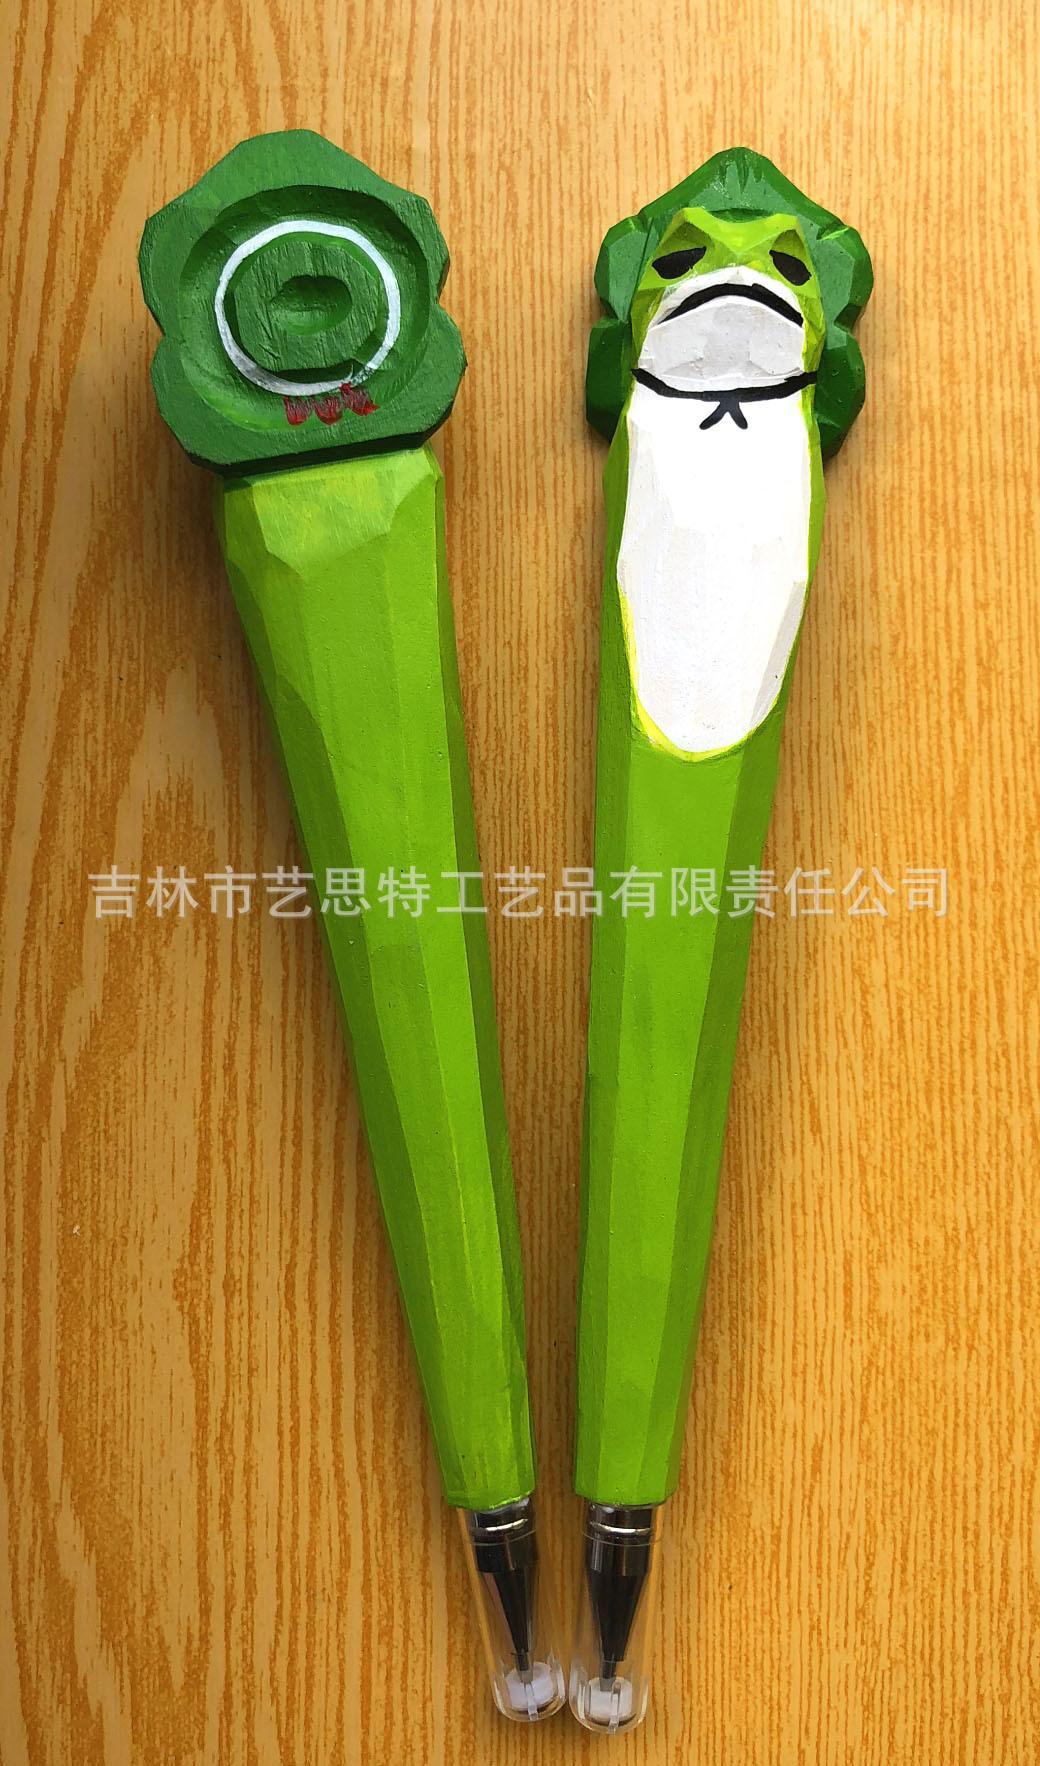 手工木雕刻中性笔木质动物笔木头笔创意动物笔木制卡通旅行青蛙笔